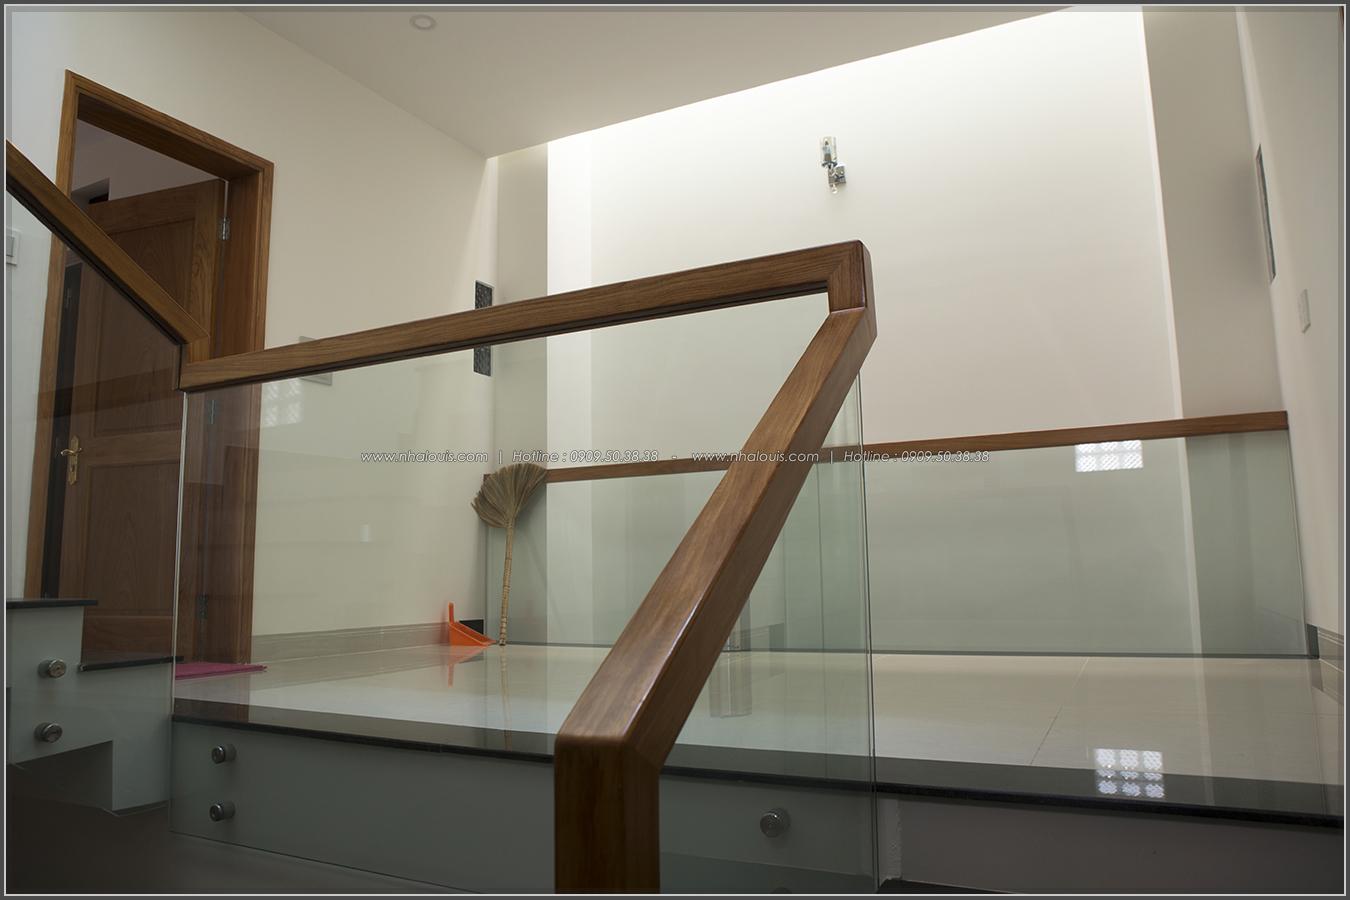 Thi công nhà đẹp 3 tầng mặt tiền 5m kết hợp kinh doanh tại quận 8 - 36